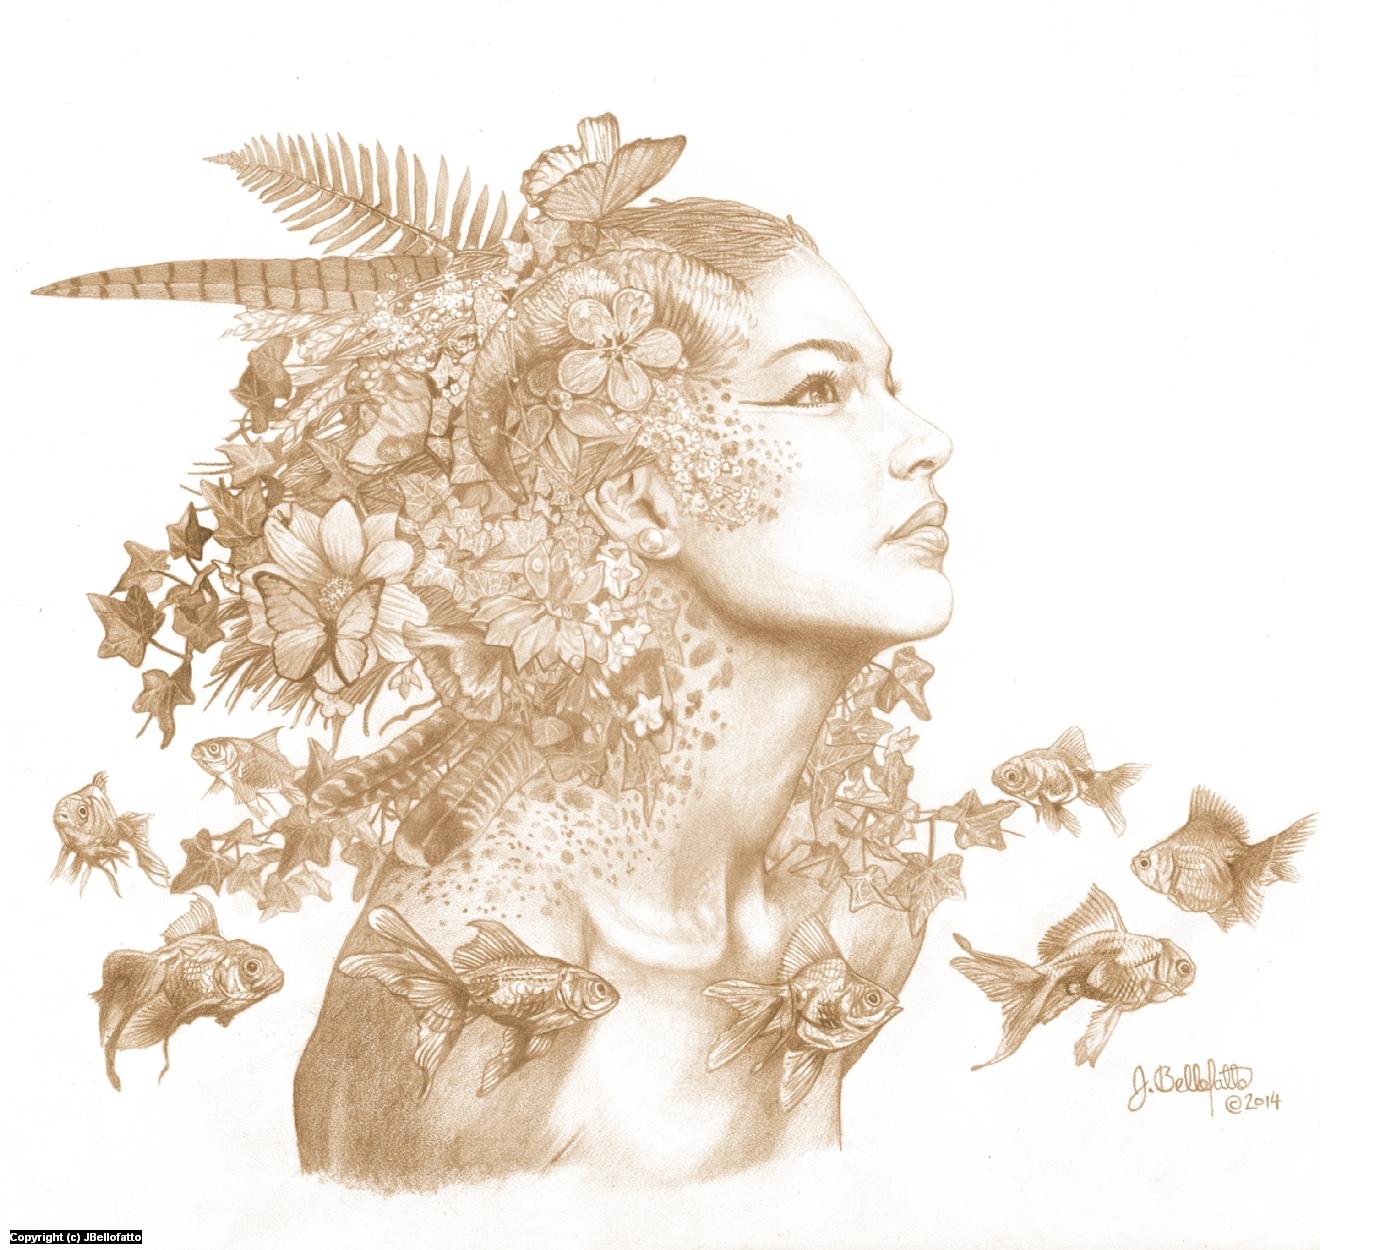 Gaia Artwork by Joseph Bellofatto